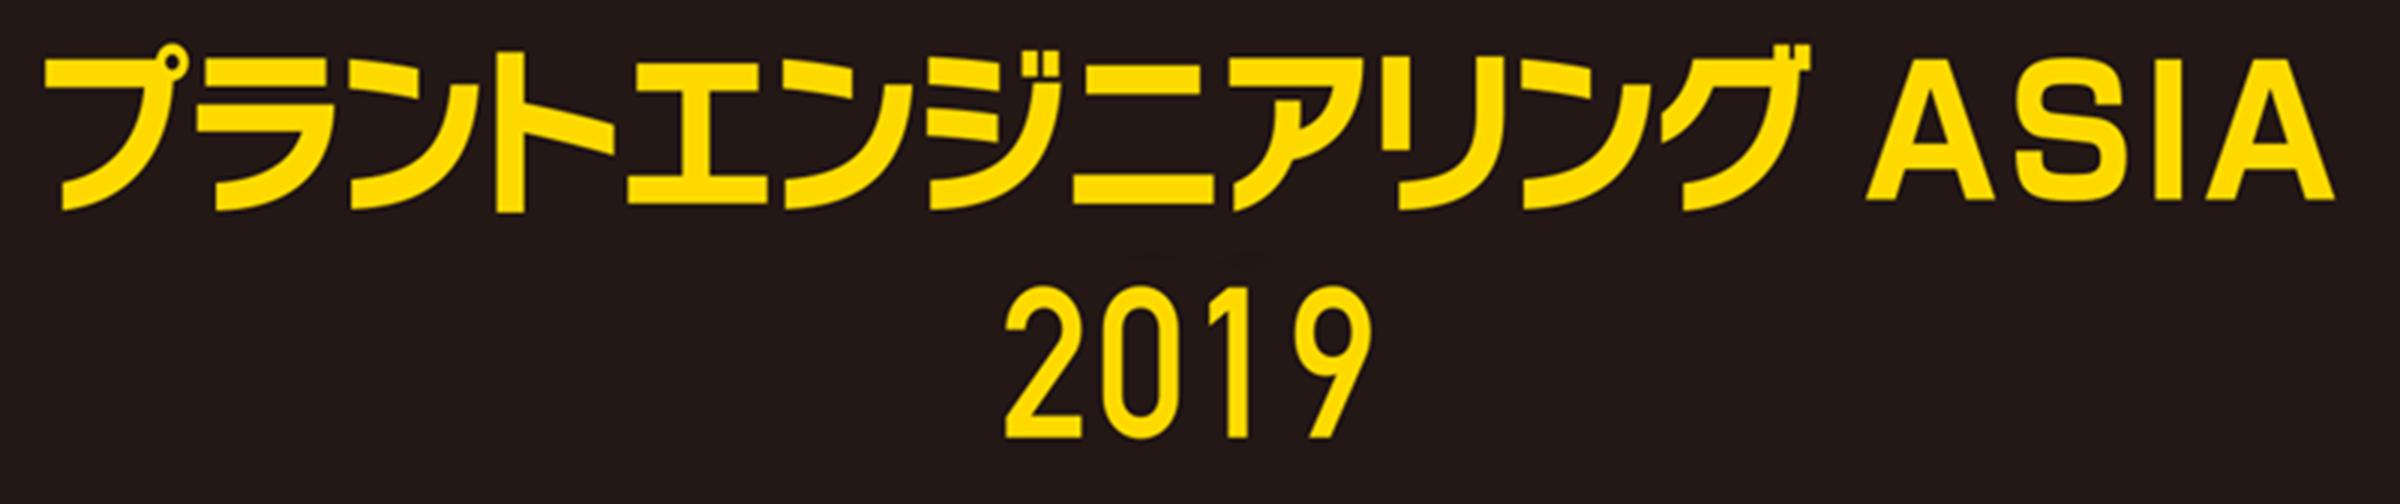 プラントエンジニアリング ASIA 2019